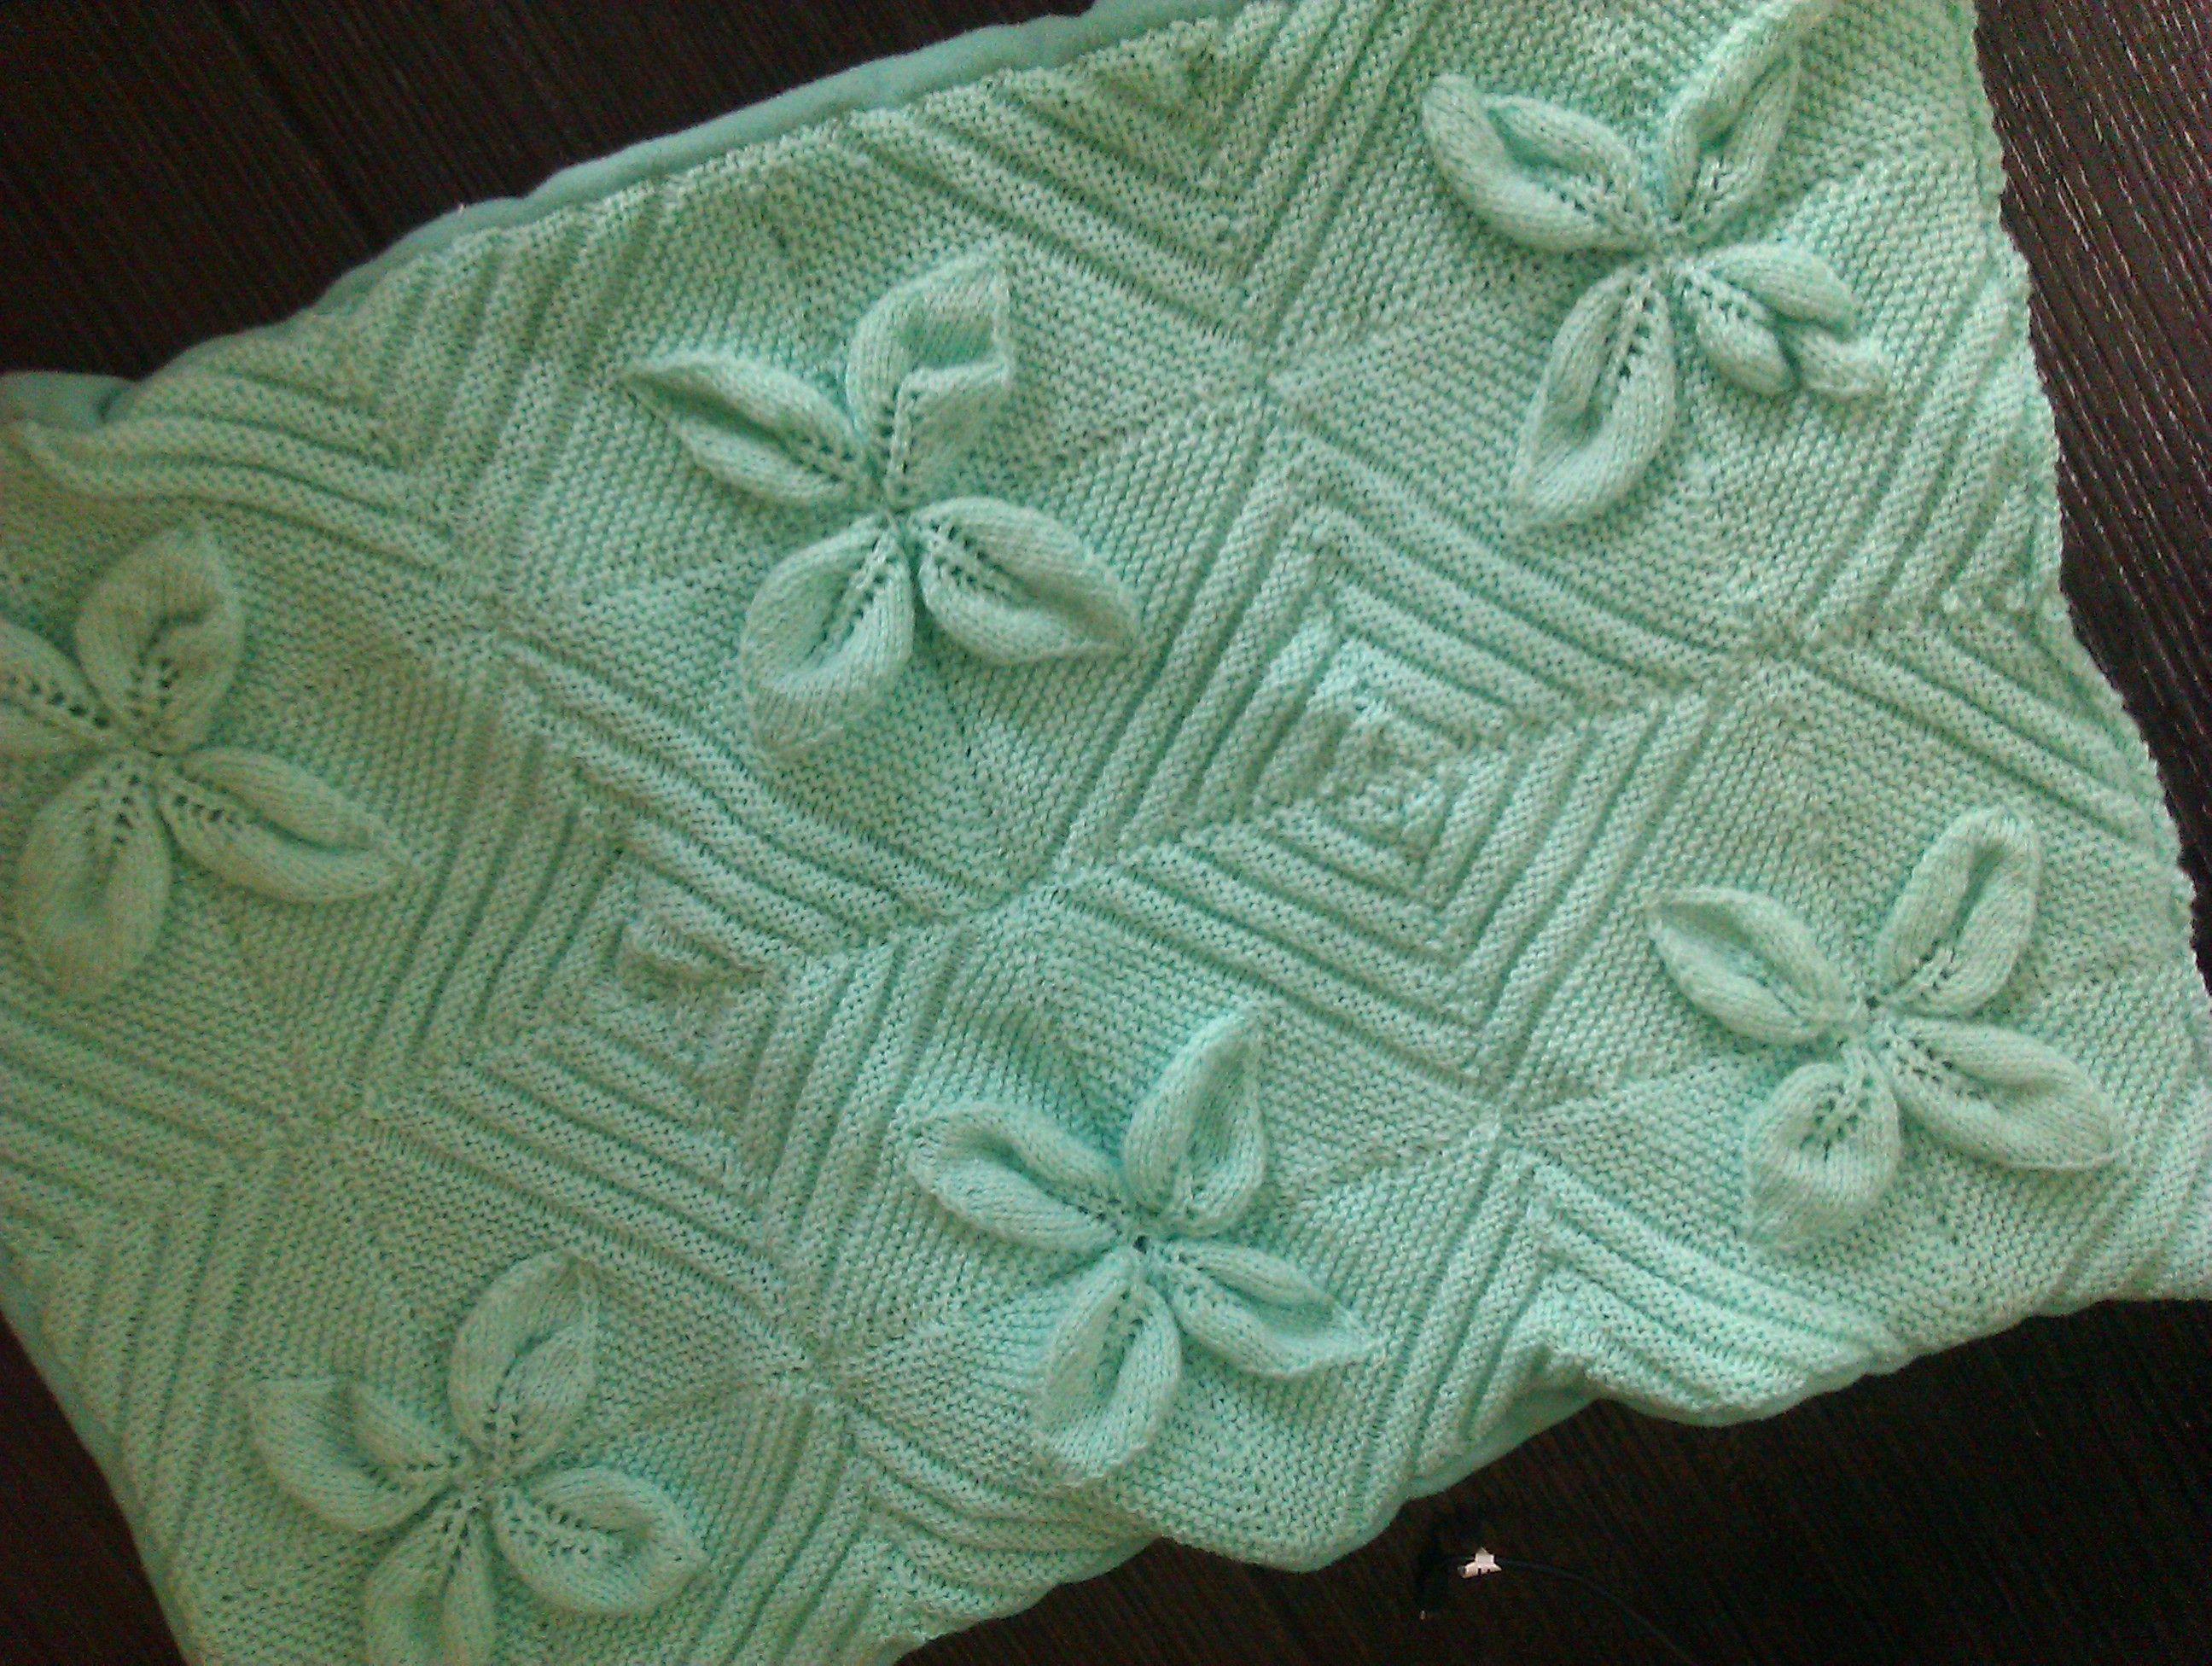 Pram cover blanket Gadgets I love Pinterest